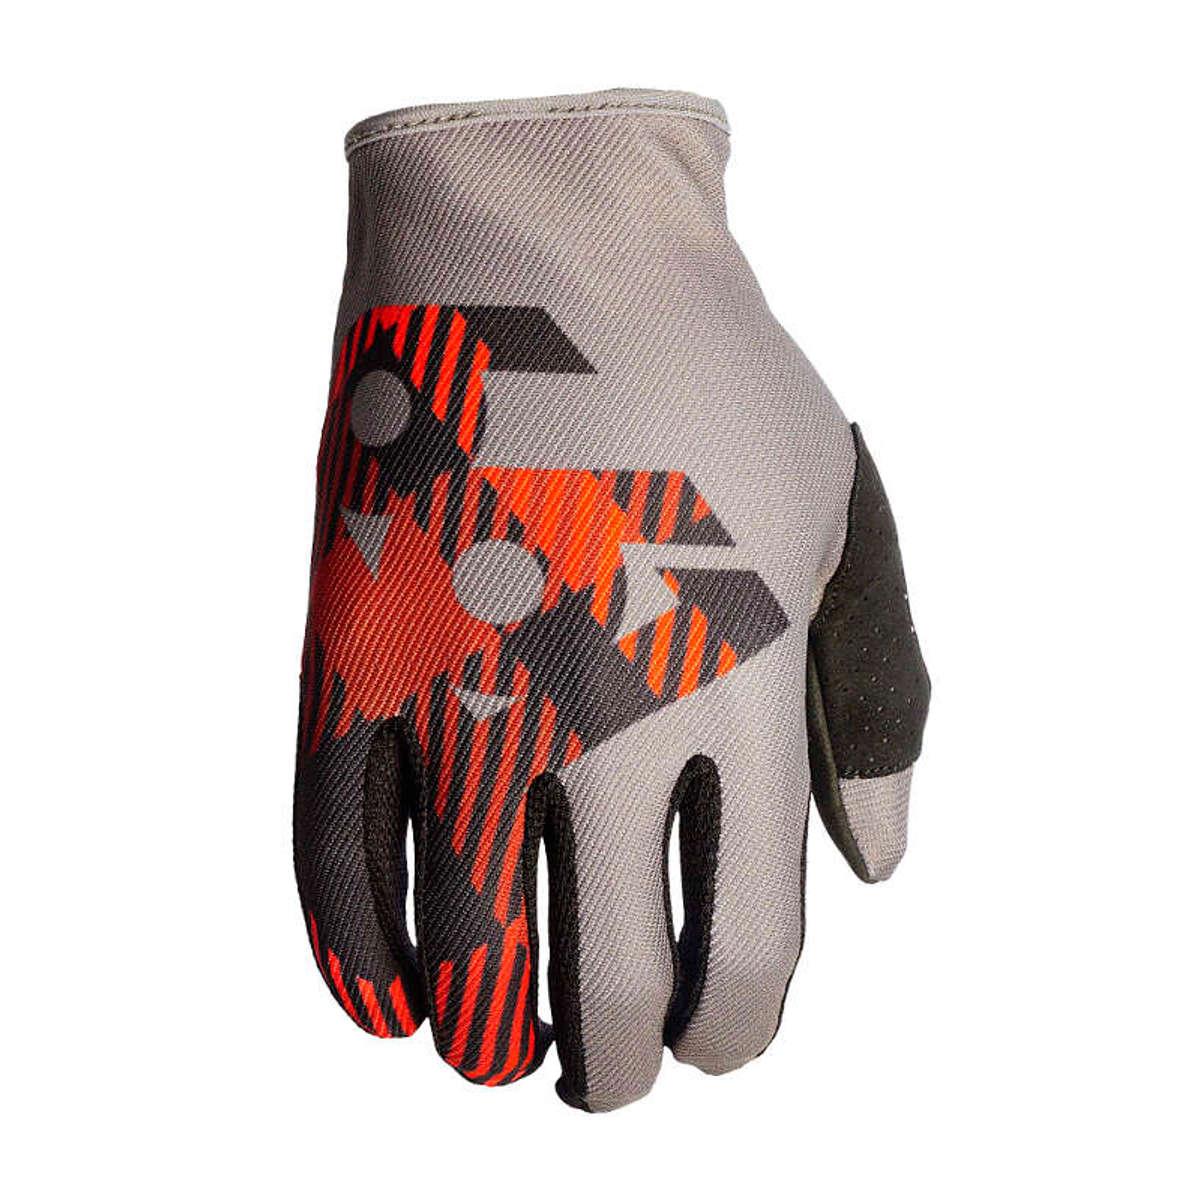 00b9ad31e644 SixSixOne Bike Gloves Comp Stone Flannel 2019 | Maciag Offroad